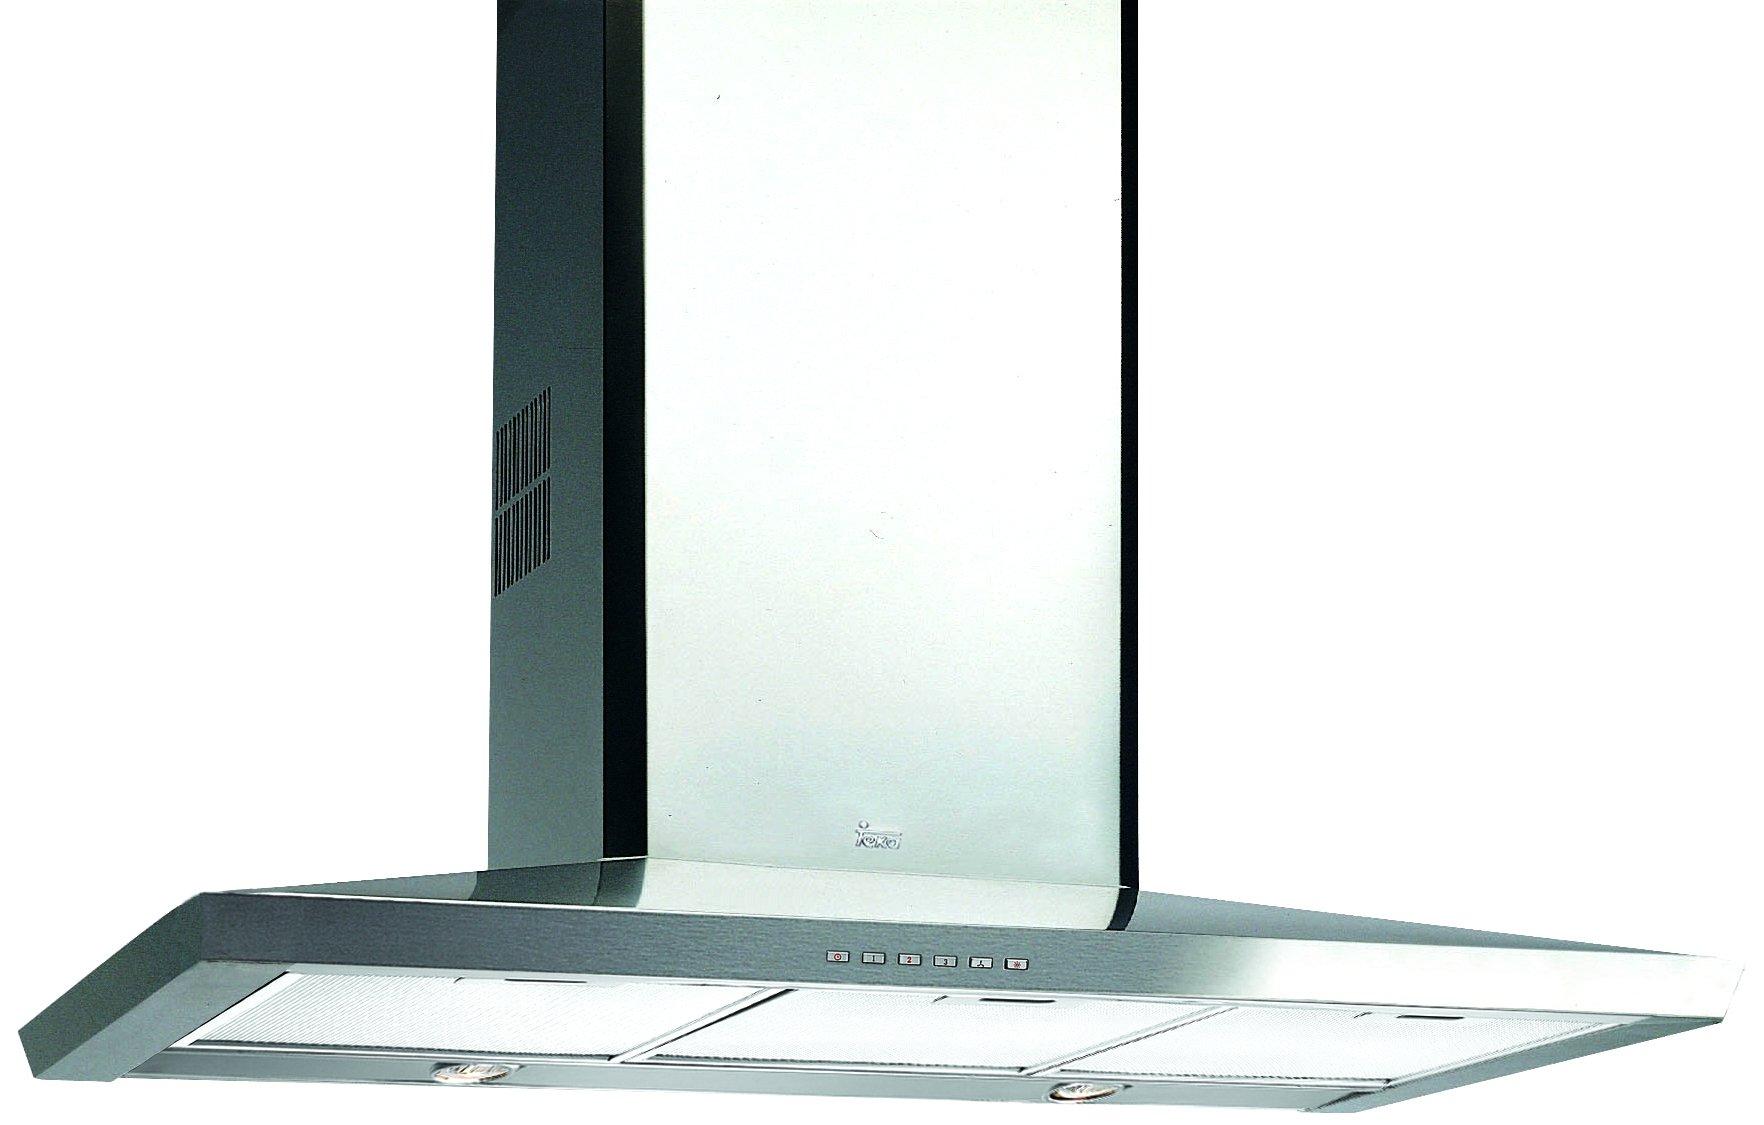 Teka DS 60.1/70/90 - Campana (Montado en pared, Canalizado/Recirculación, Halógeno, Acero inoxidable, Botones, Metal): Amazon.es: Grandes electrodomésticos